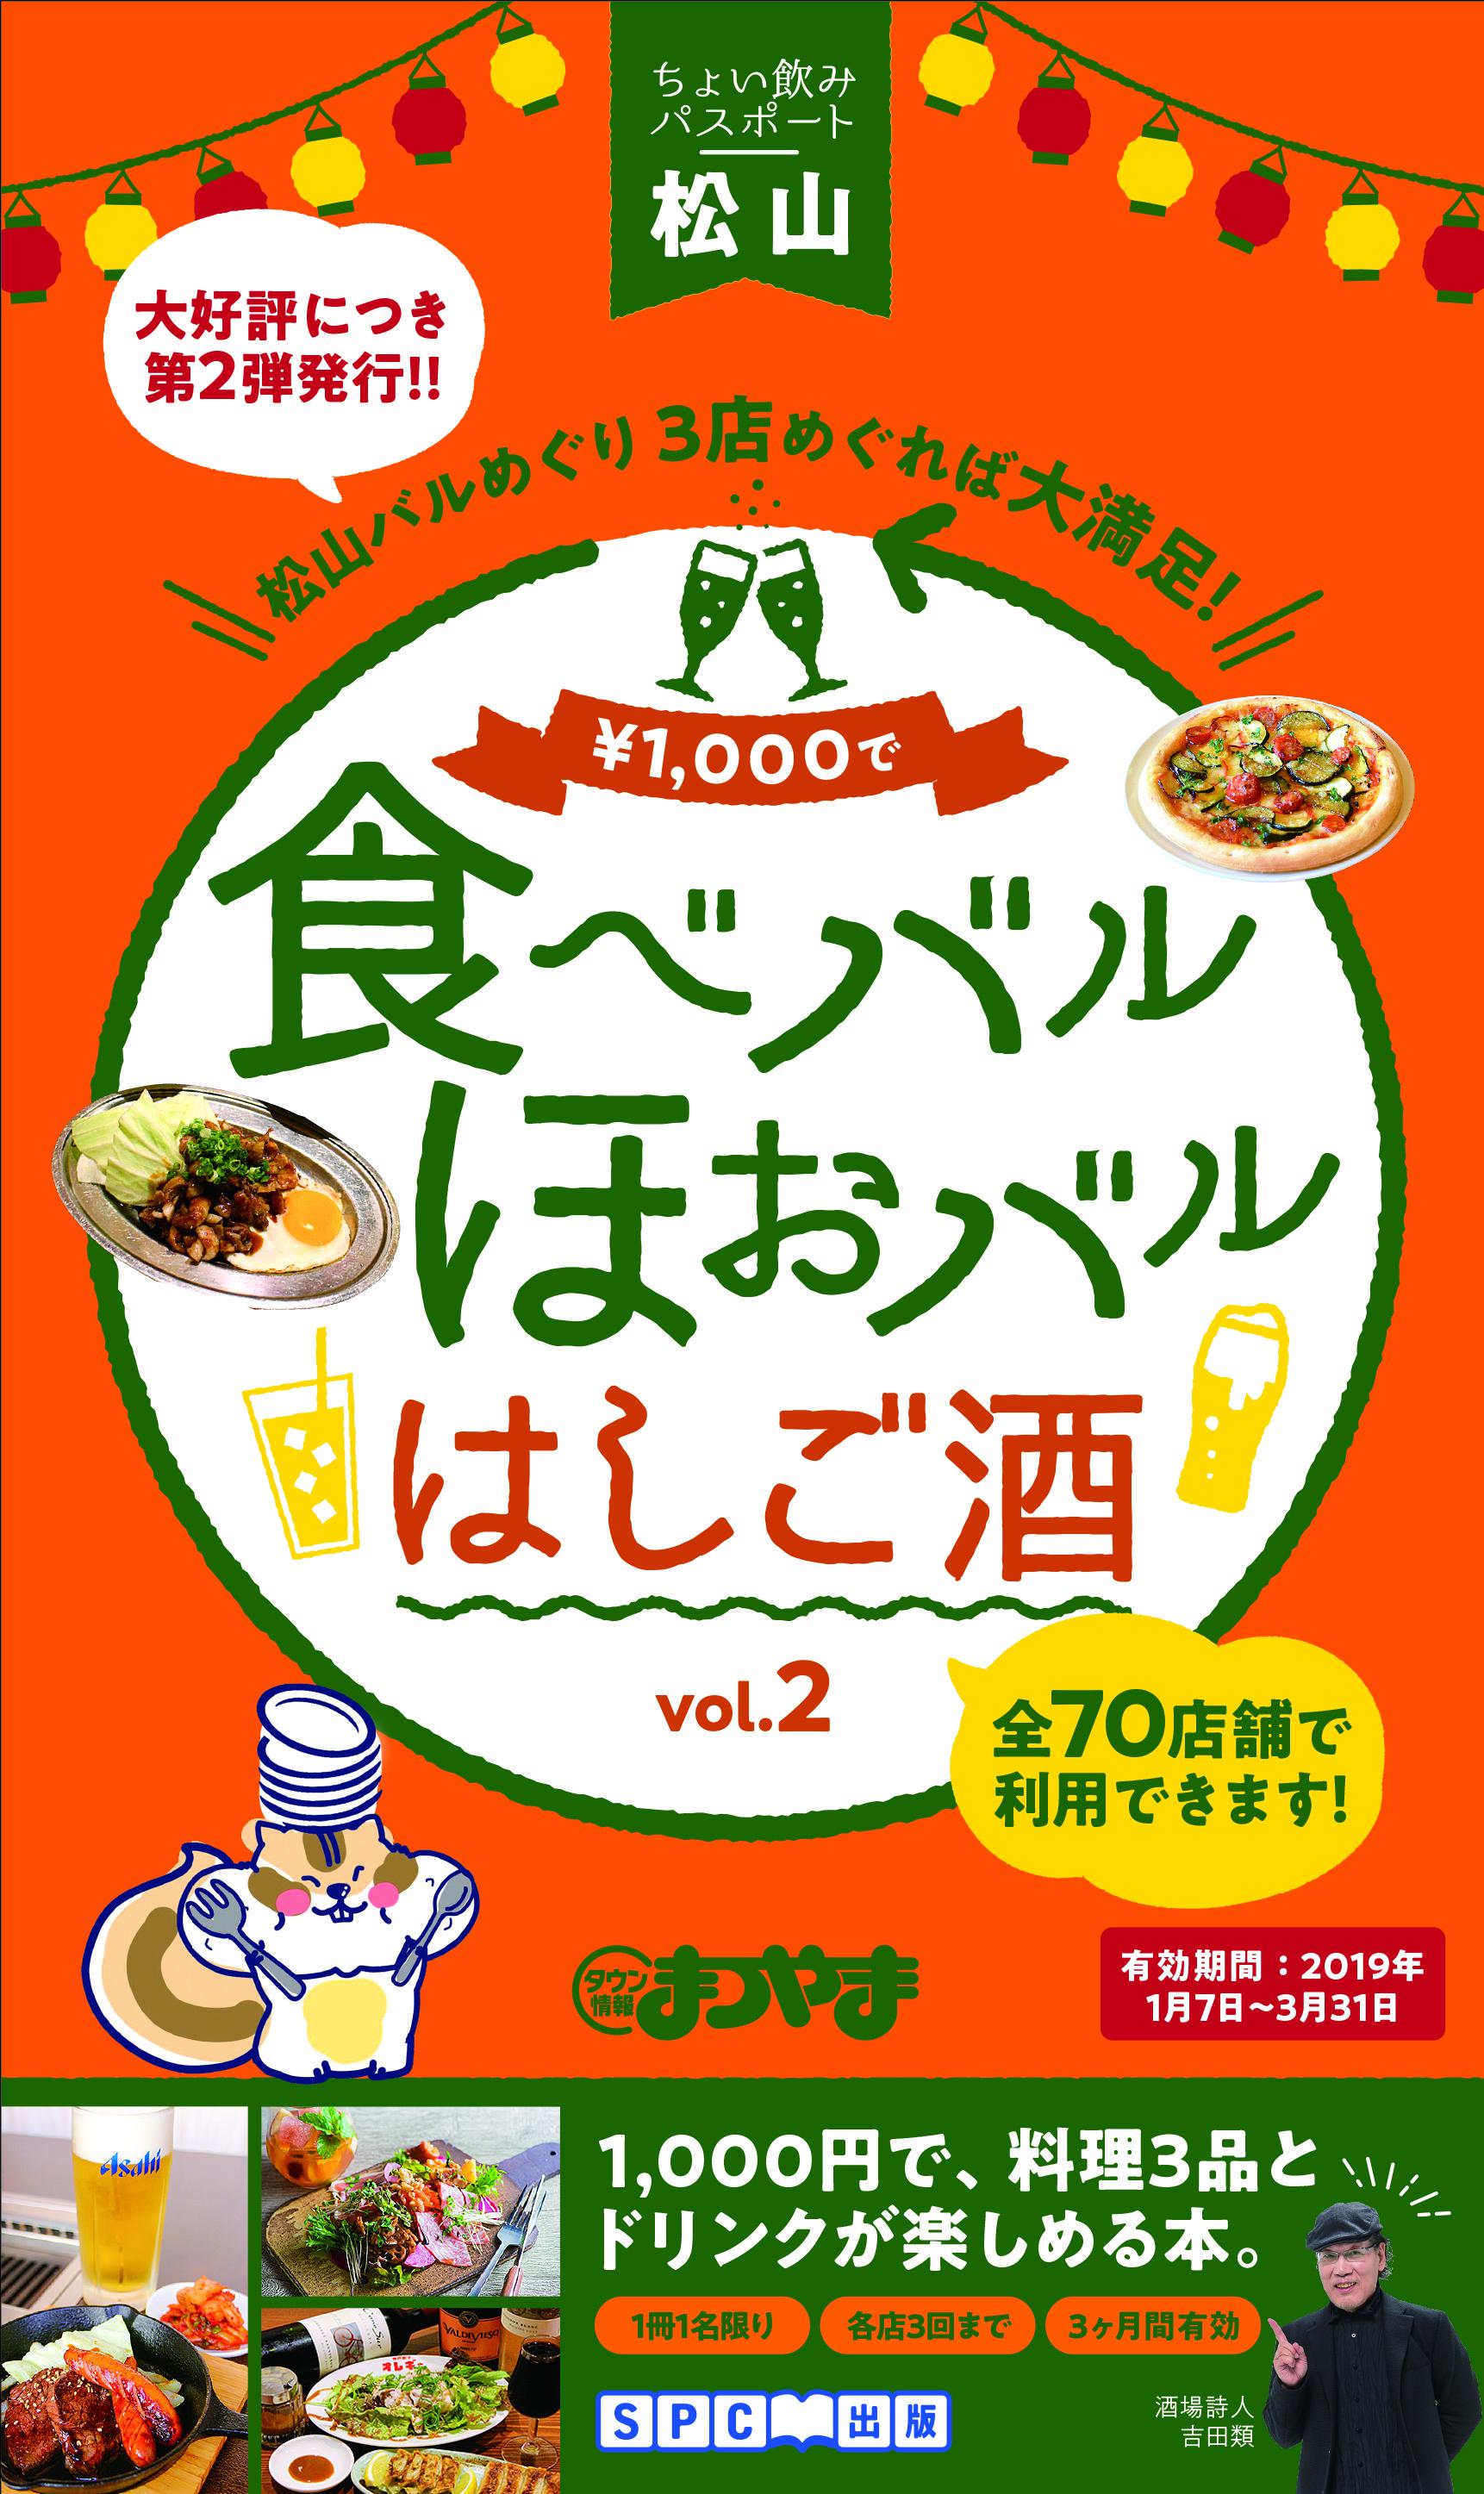 """【ちょい飲みパスポート""""食べバル ほおバル はしご酒""""Vol.2】 好評発売中!"""